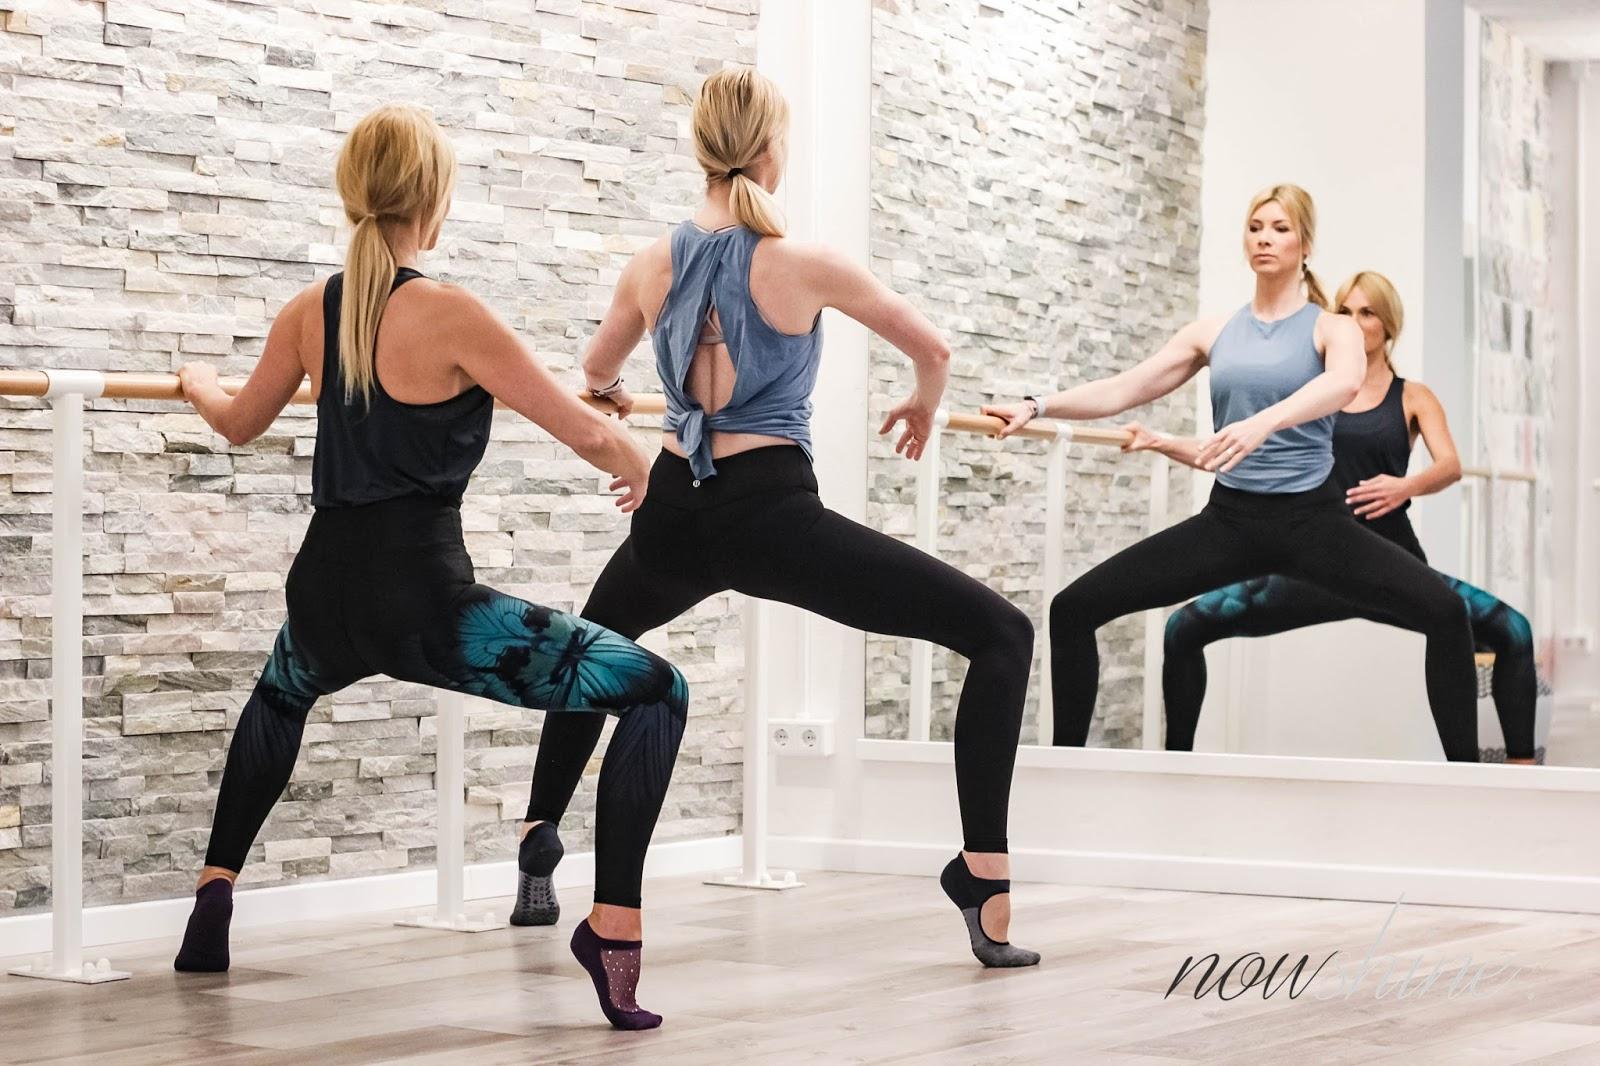 Ballett Barre Workout sponsored by Krombacher Alkoholfrei